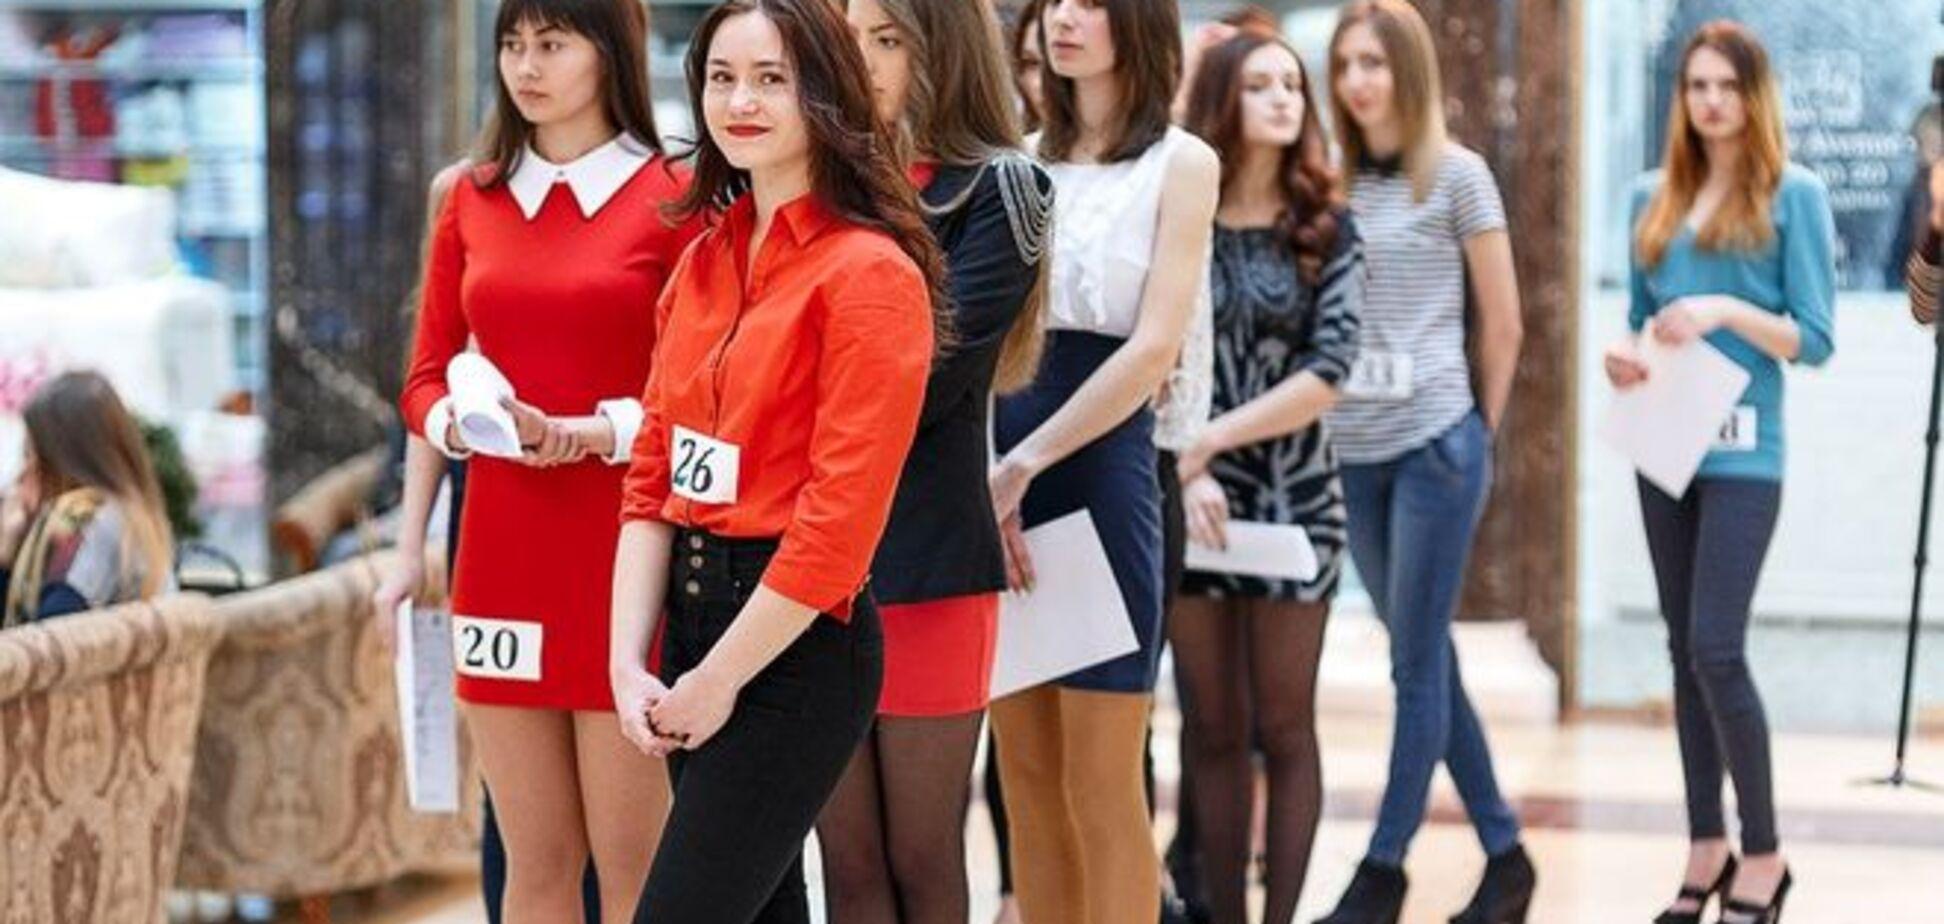 Названы 6 критериев, чтобы иметь шанс стать 'Мисс Украина'